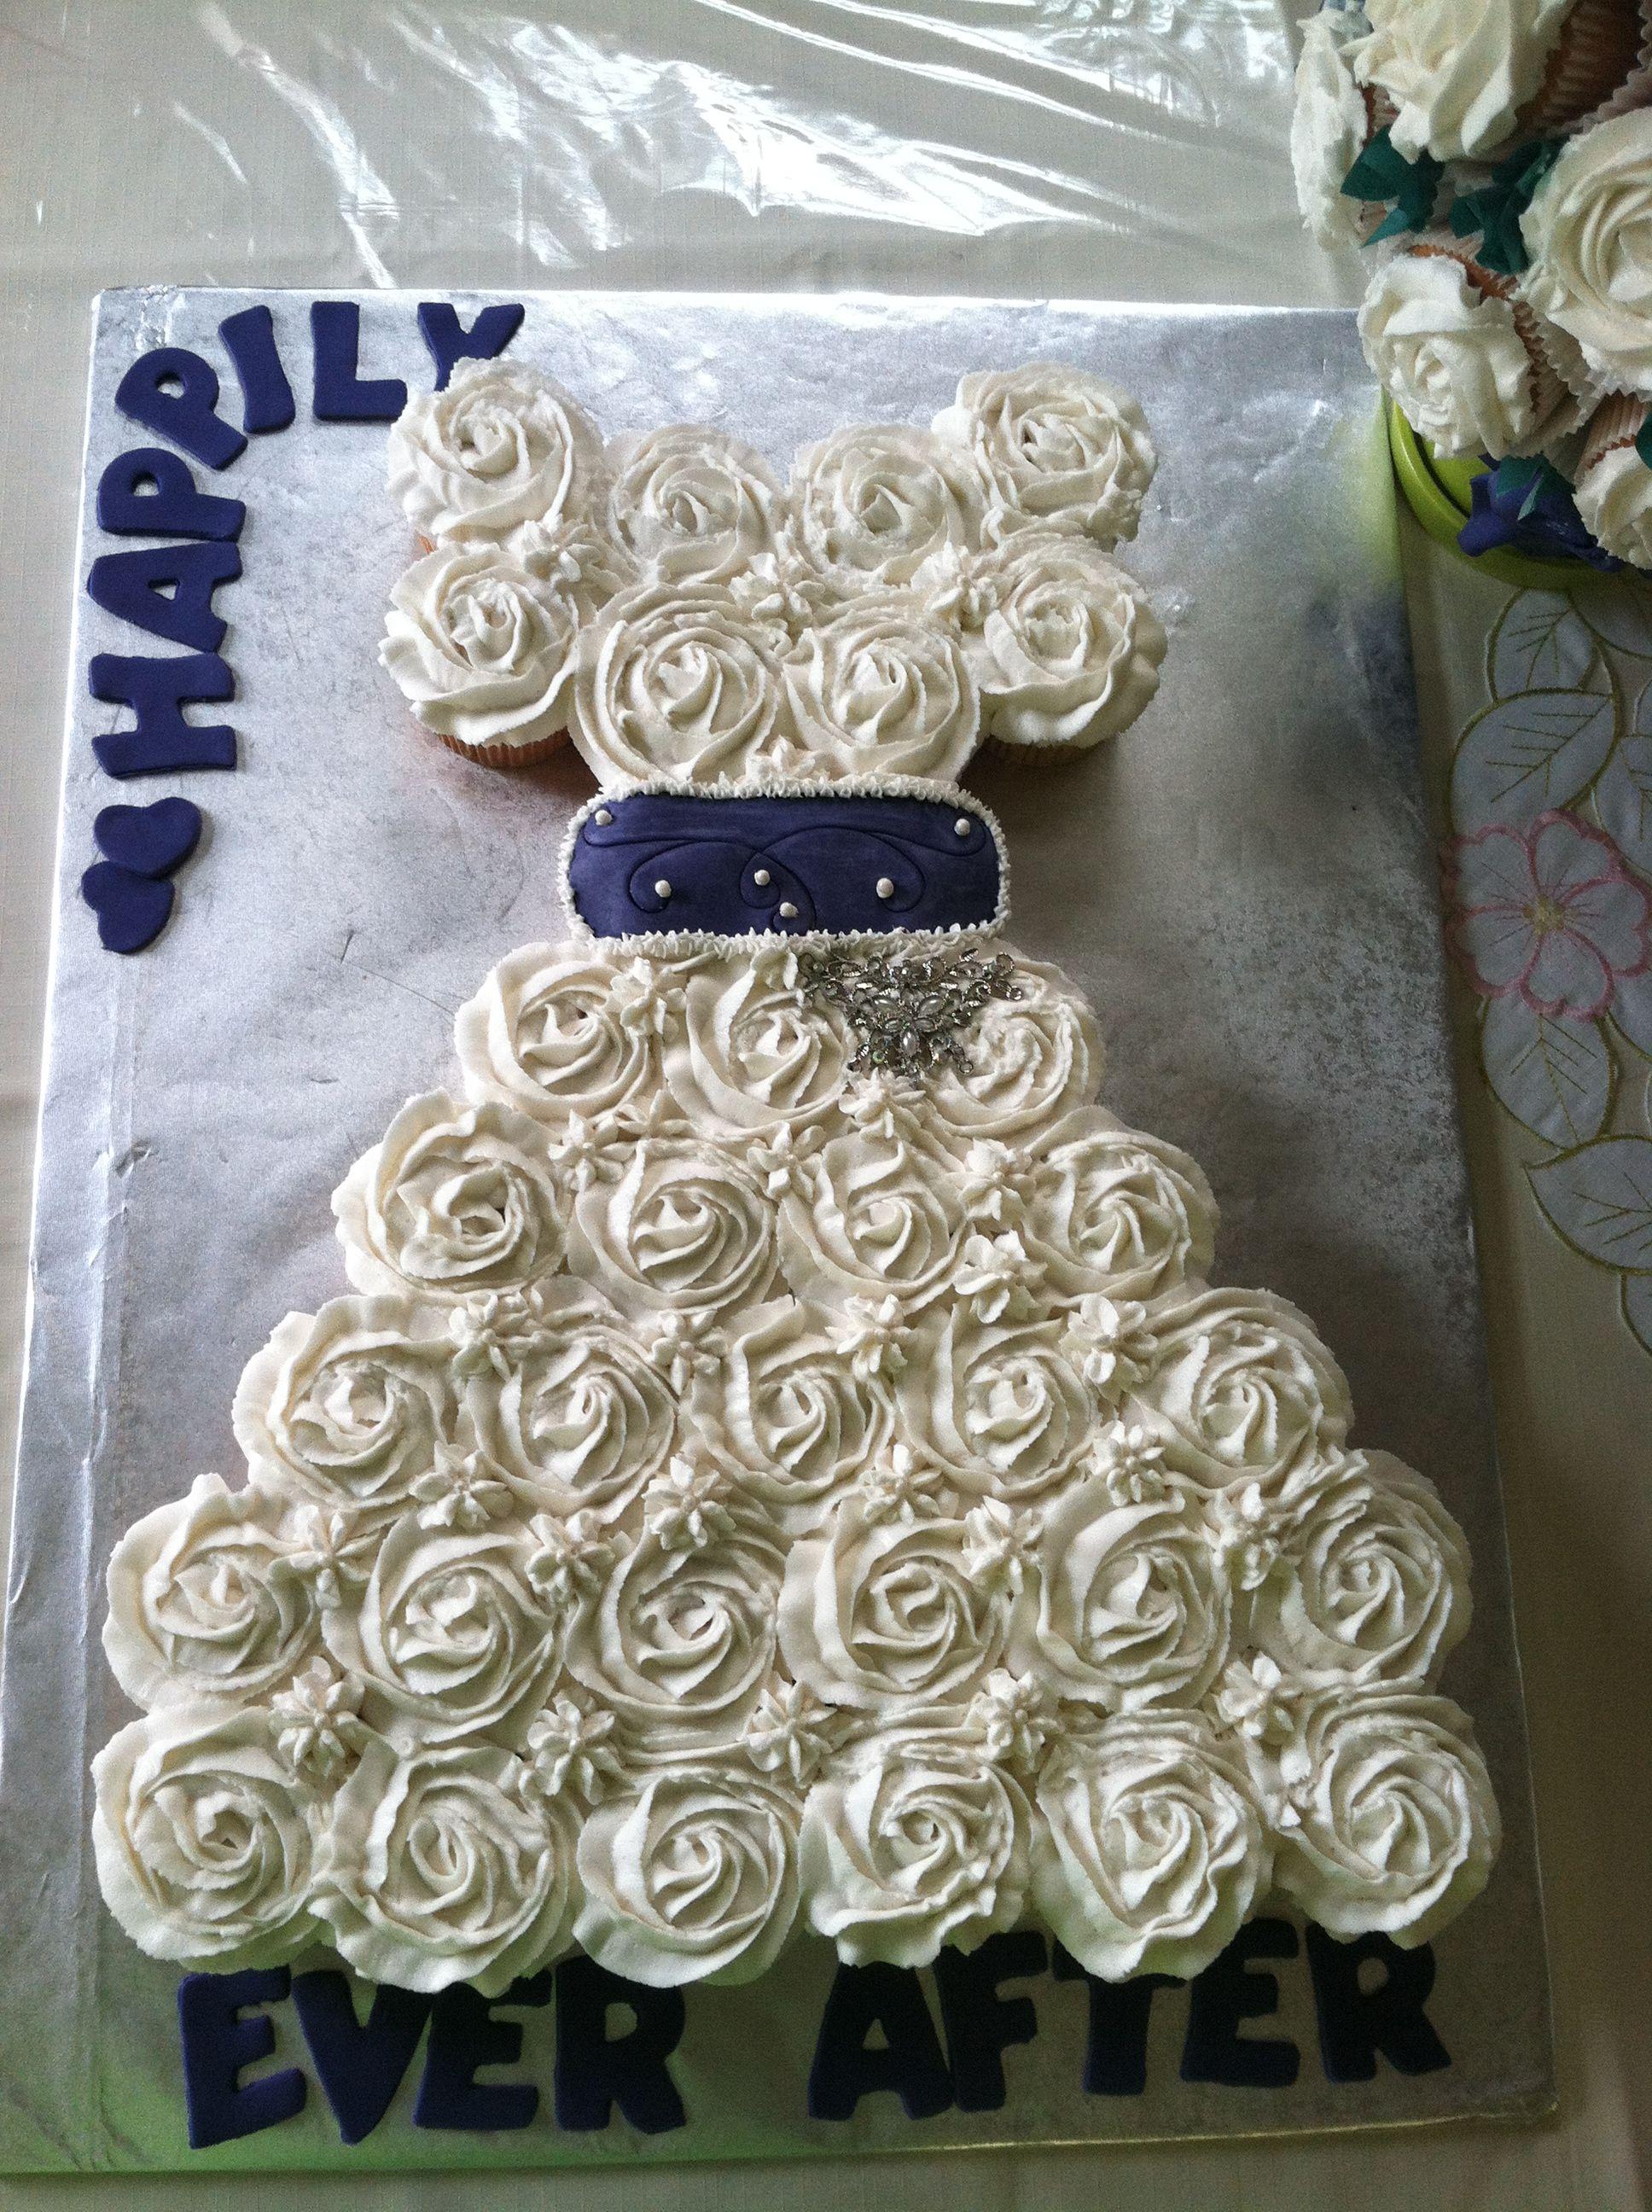 Cake Decorating on Pinterest